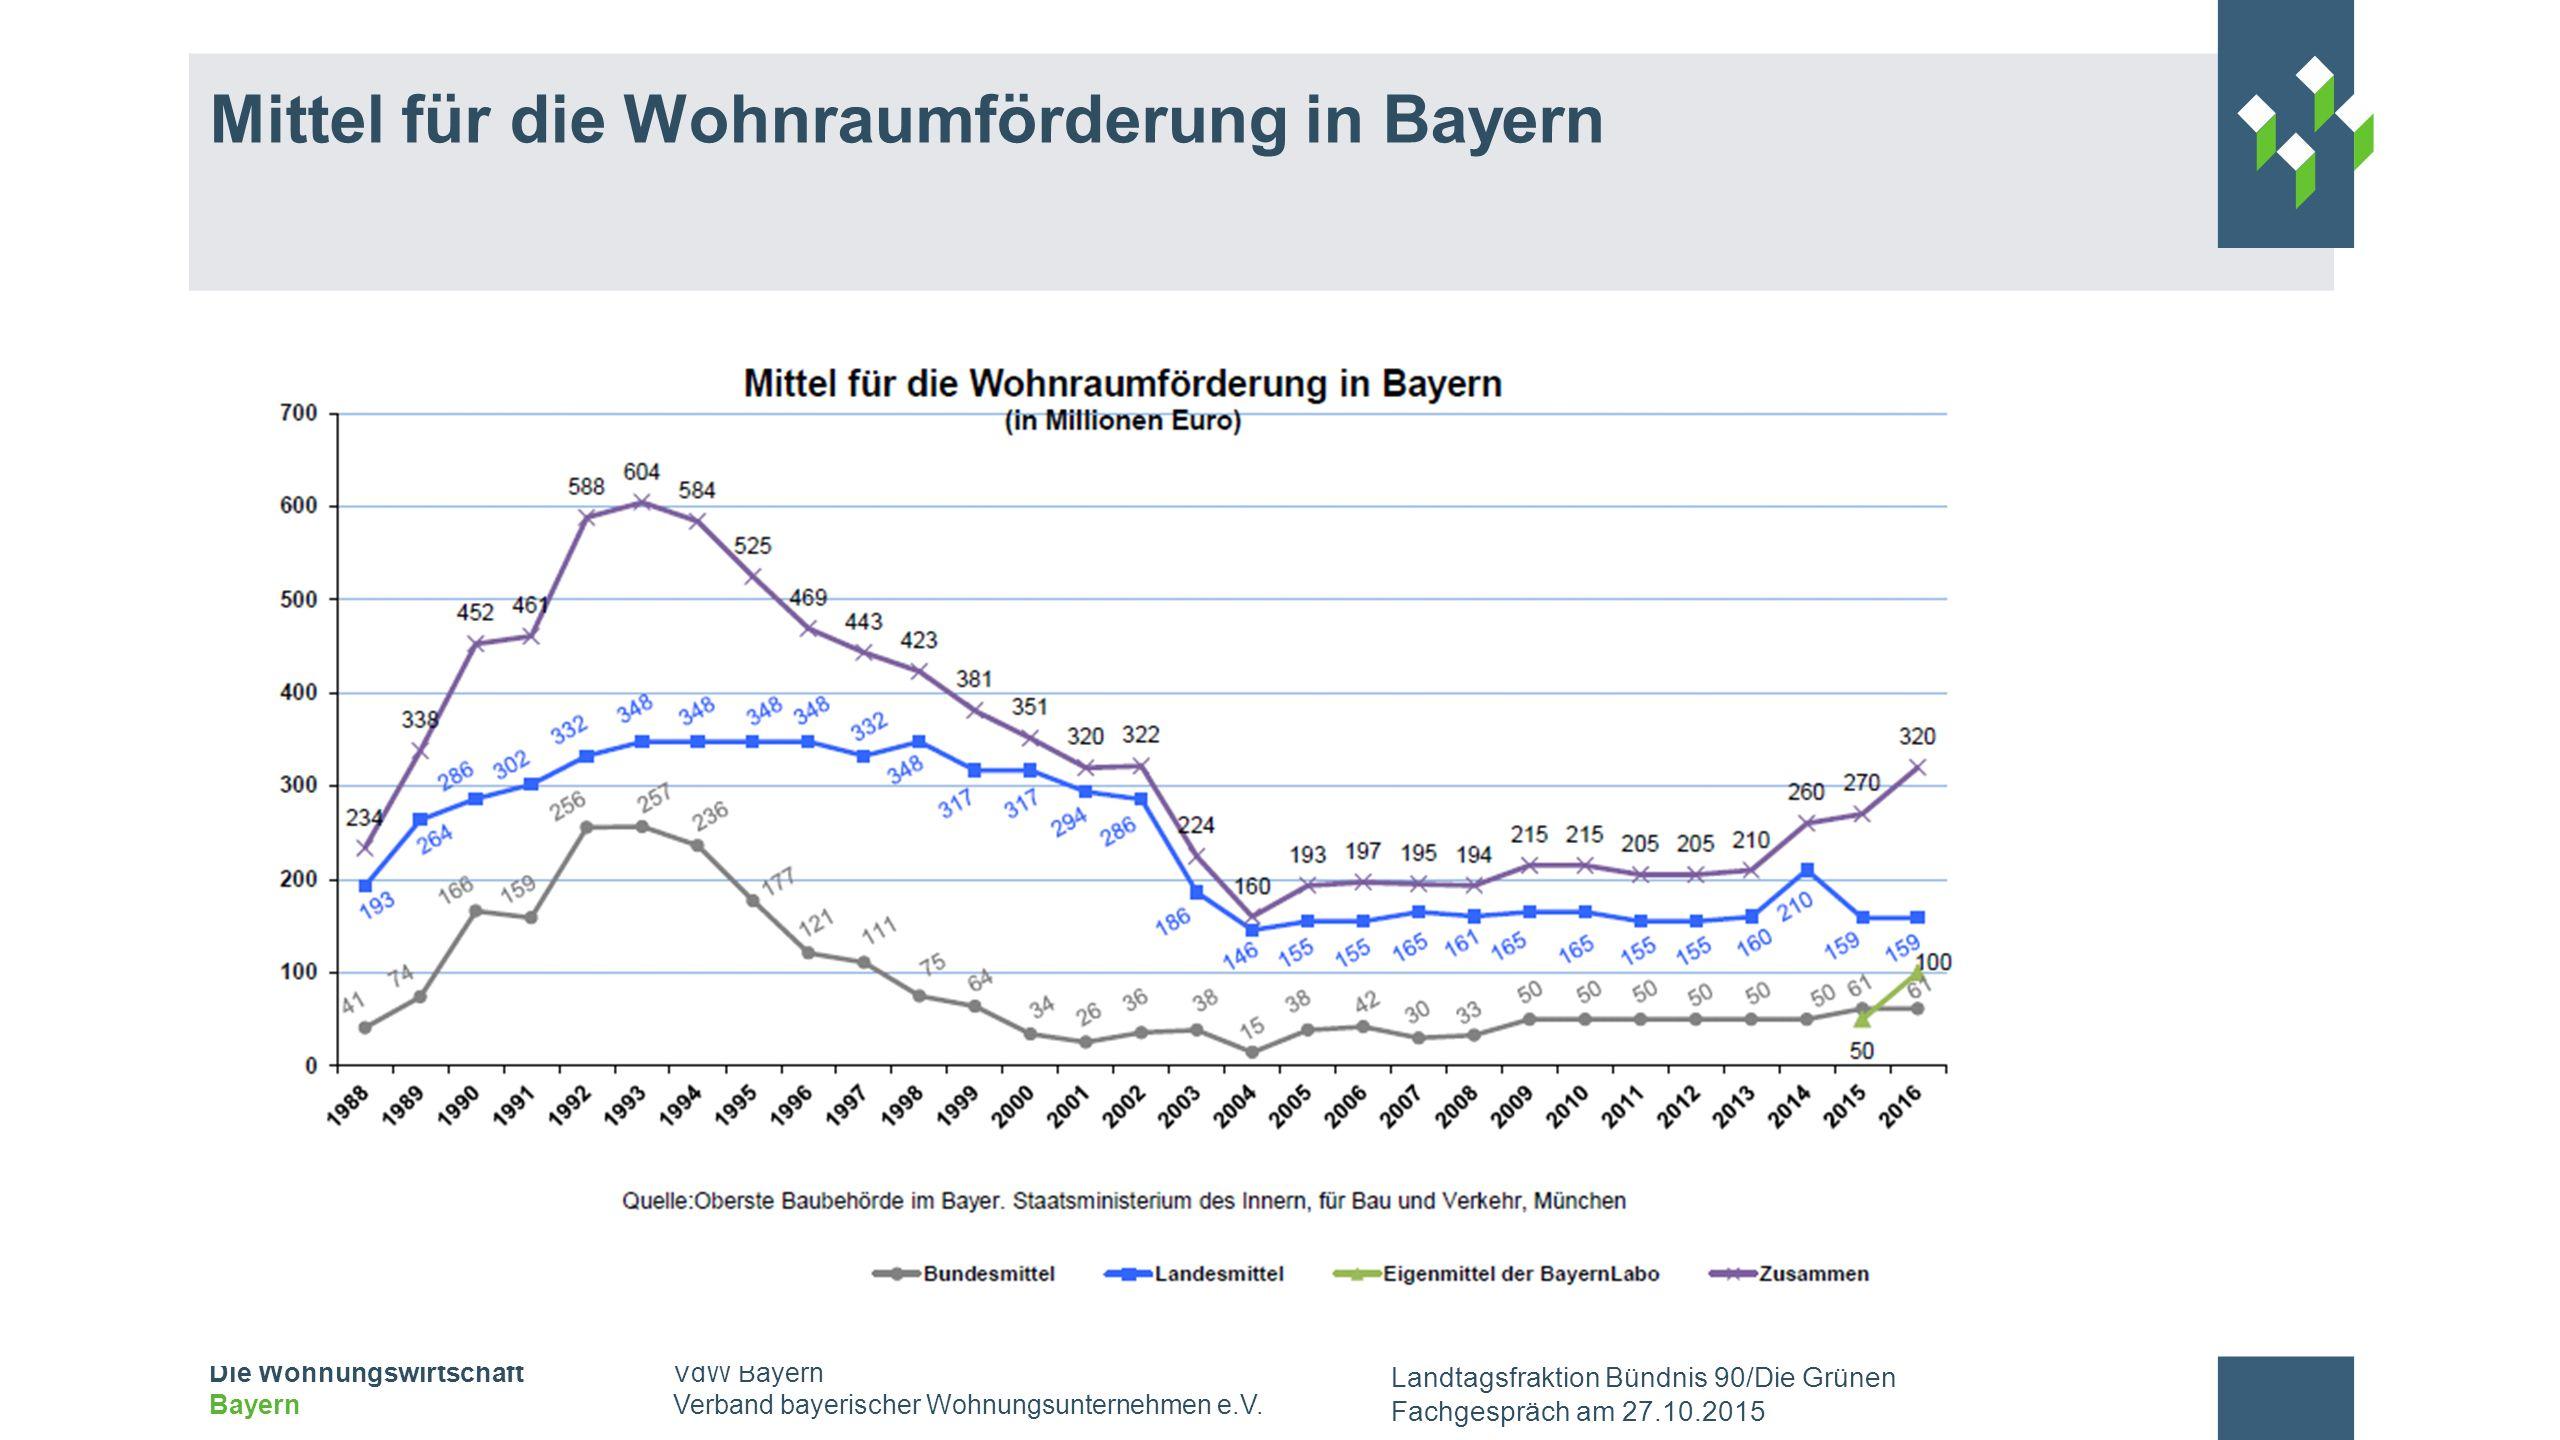 Mittel für die Wohnraumförderung in Bayern